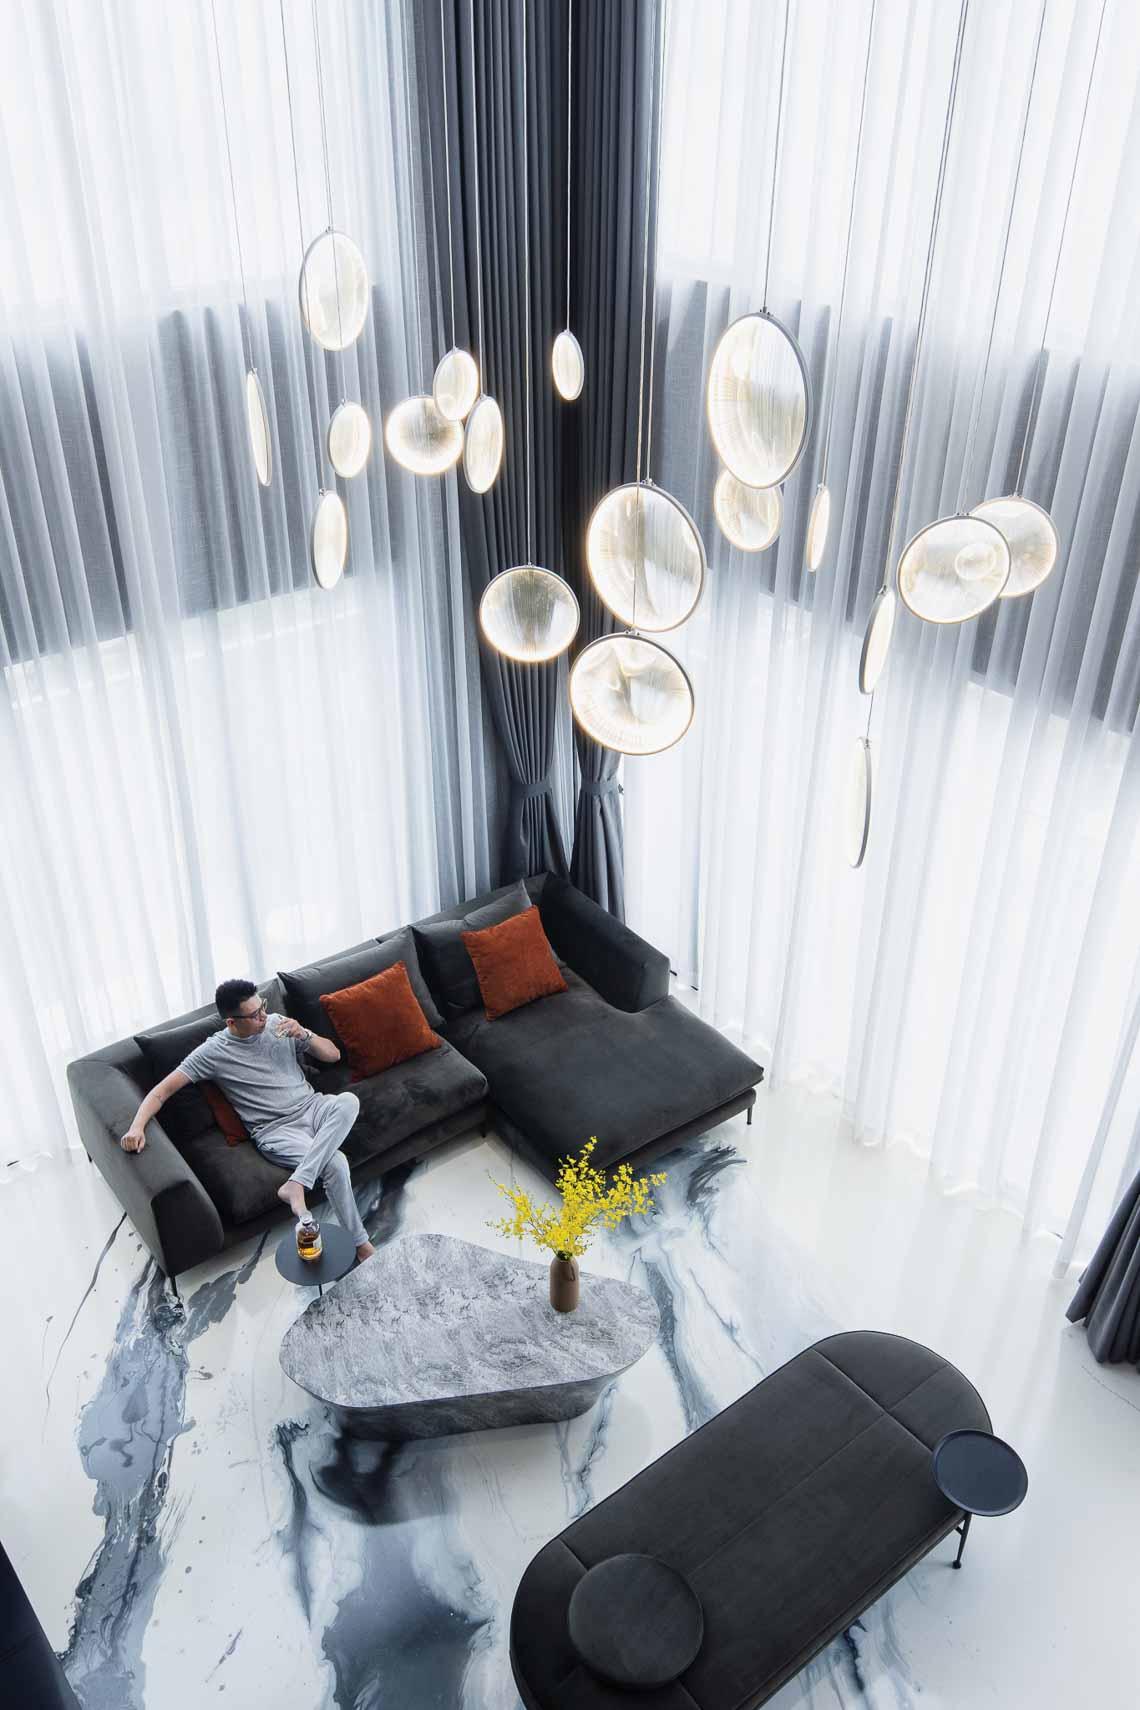 Đưa đường nét thiên nhiên vào không gian nội thất - 6